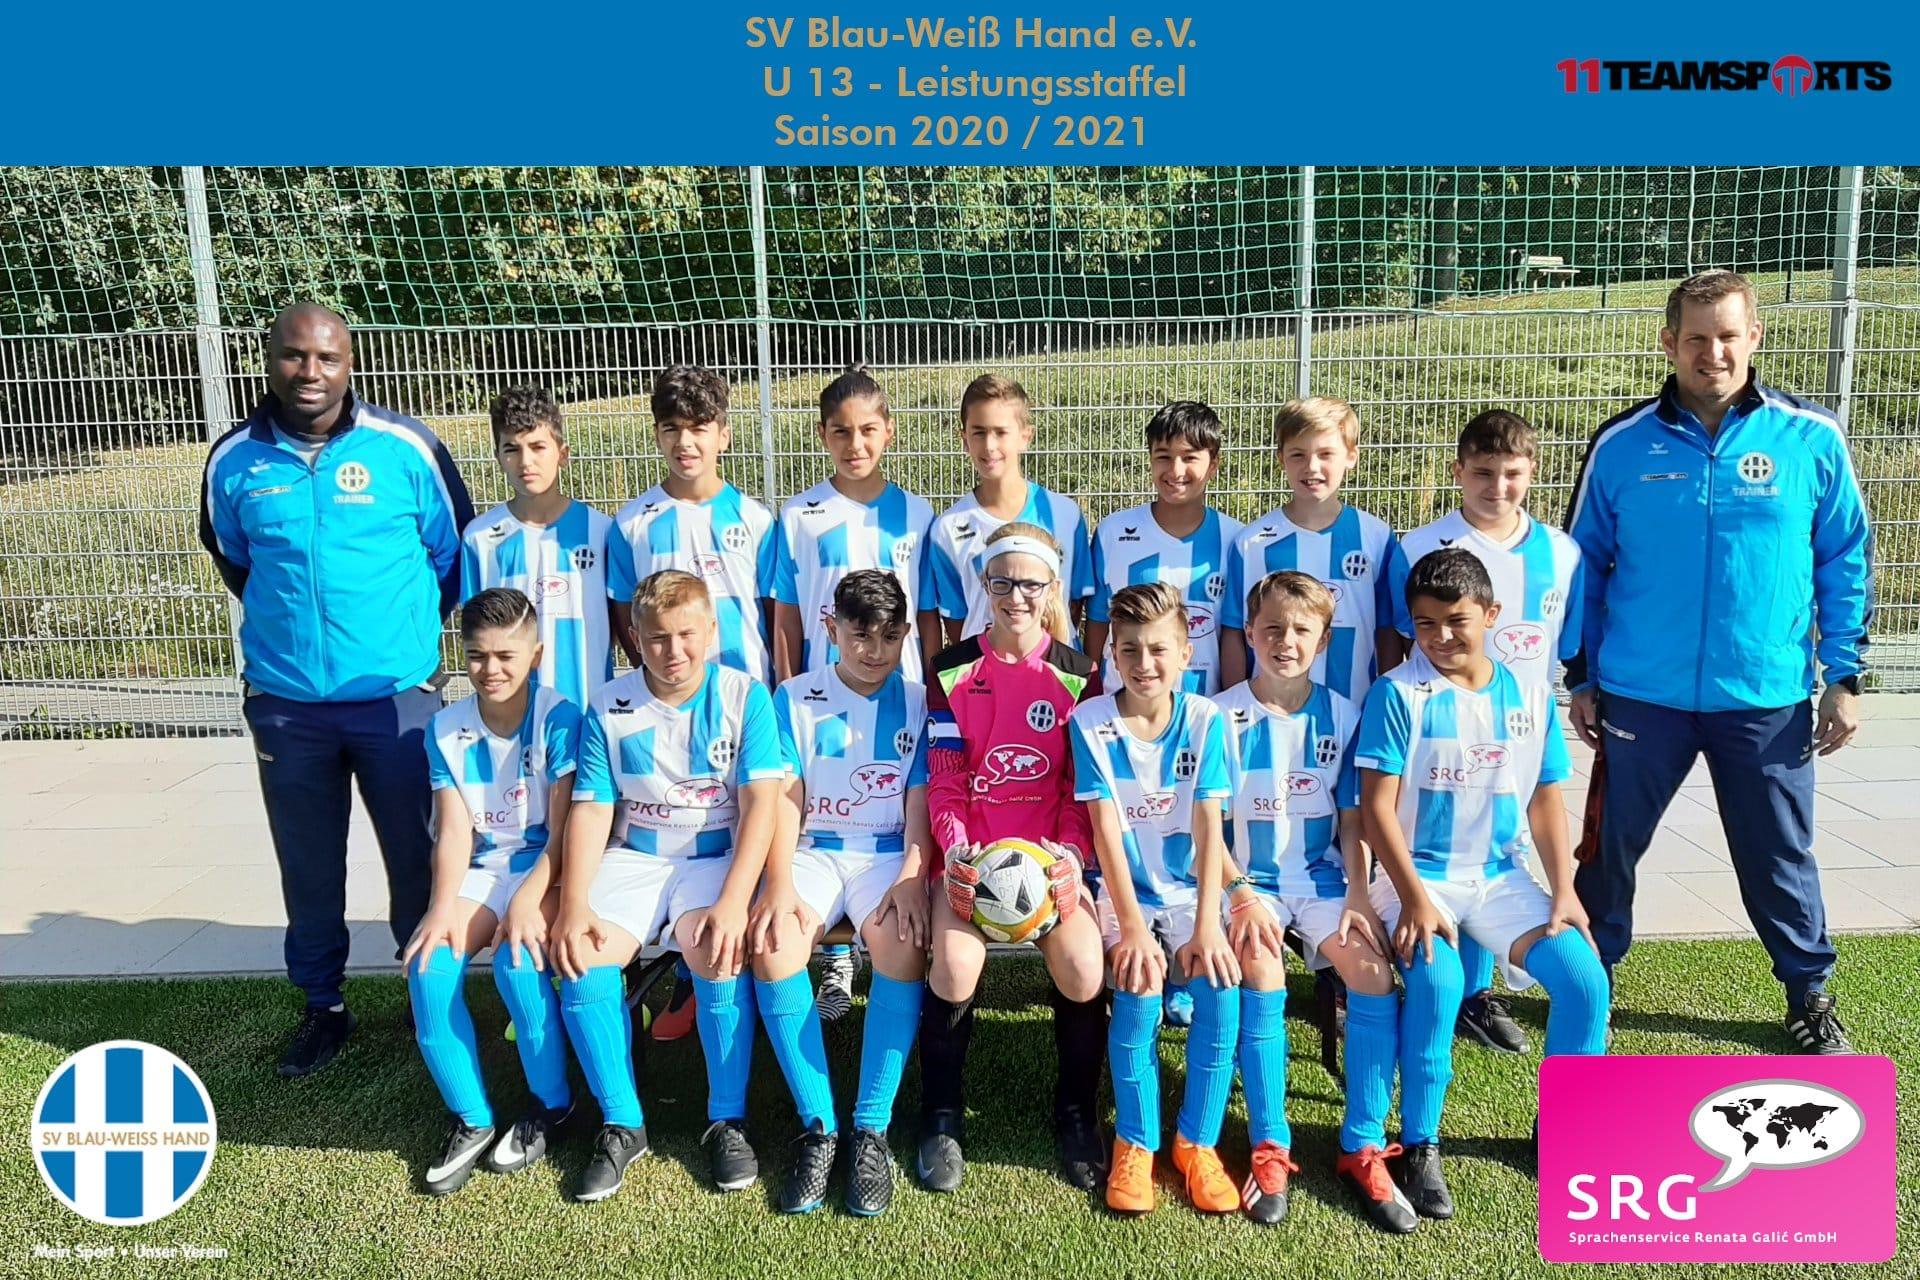 Blau Weiß Hand Sportverein Fußball U13